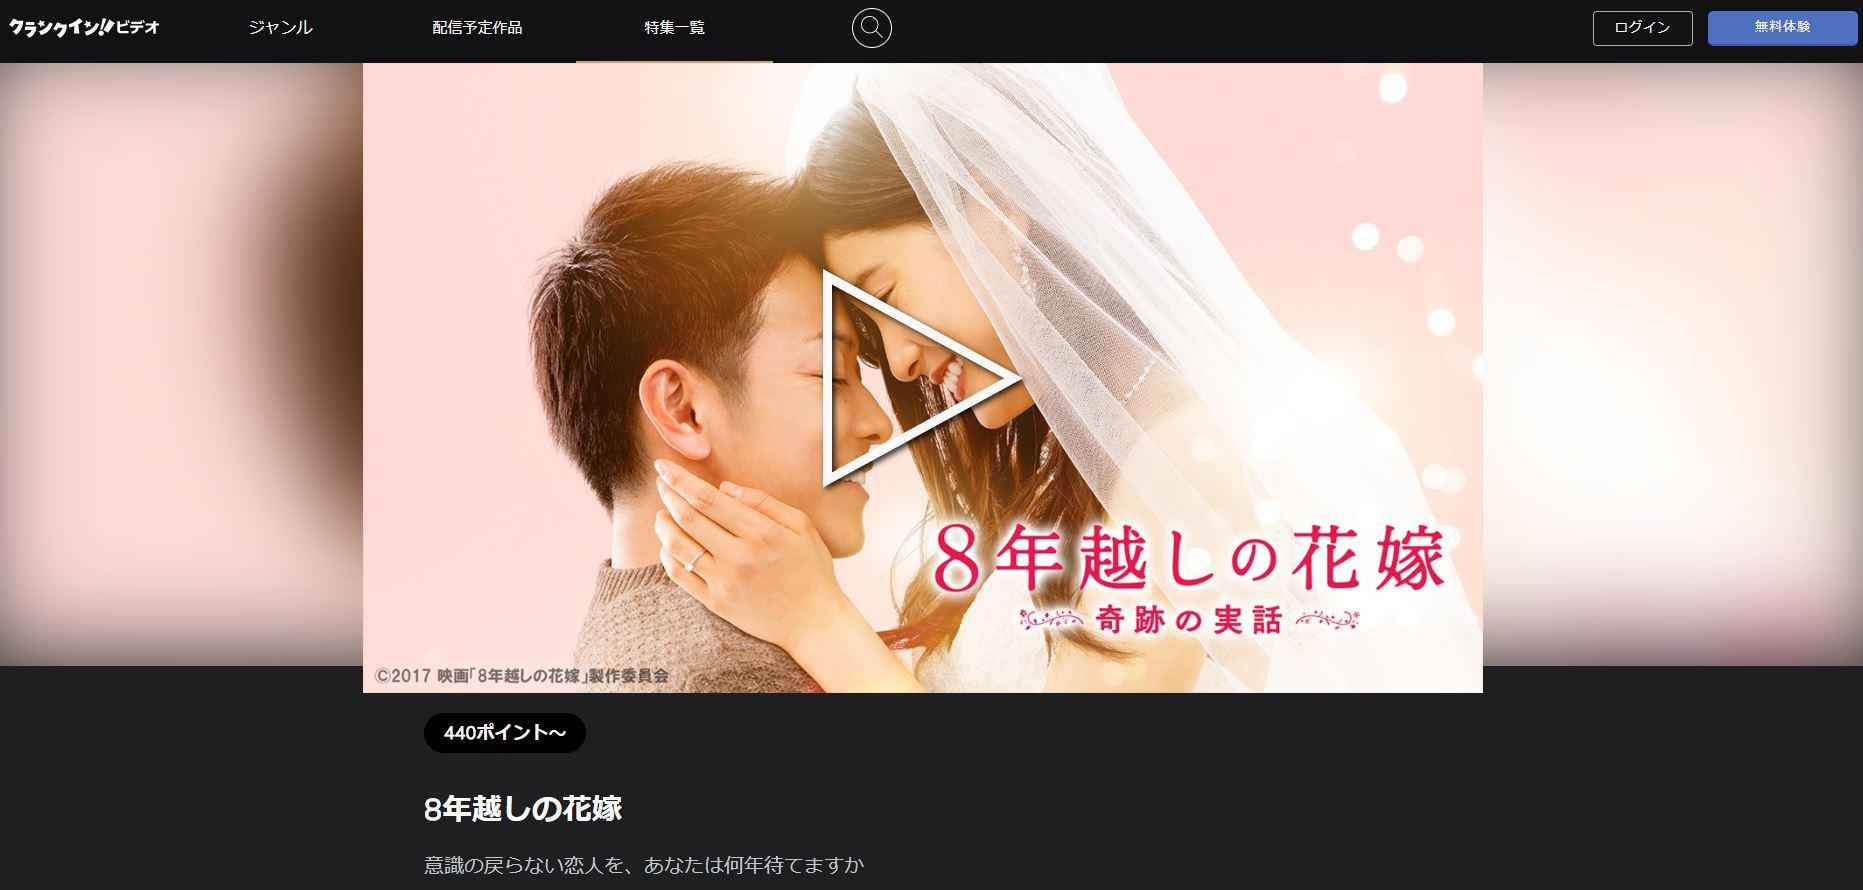 8年越しの花嫁-奇跡の実話-クランクインビデオ